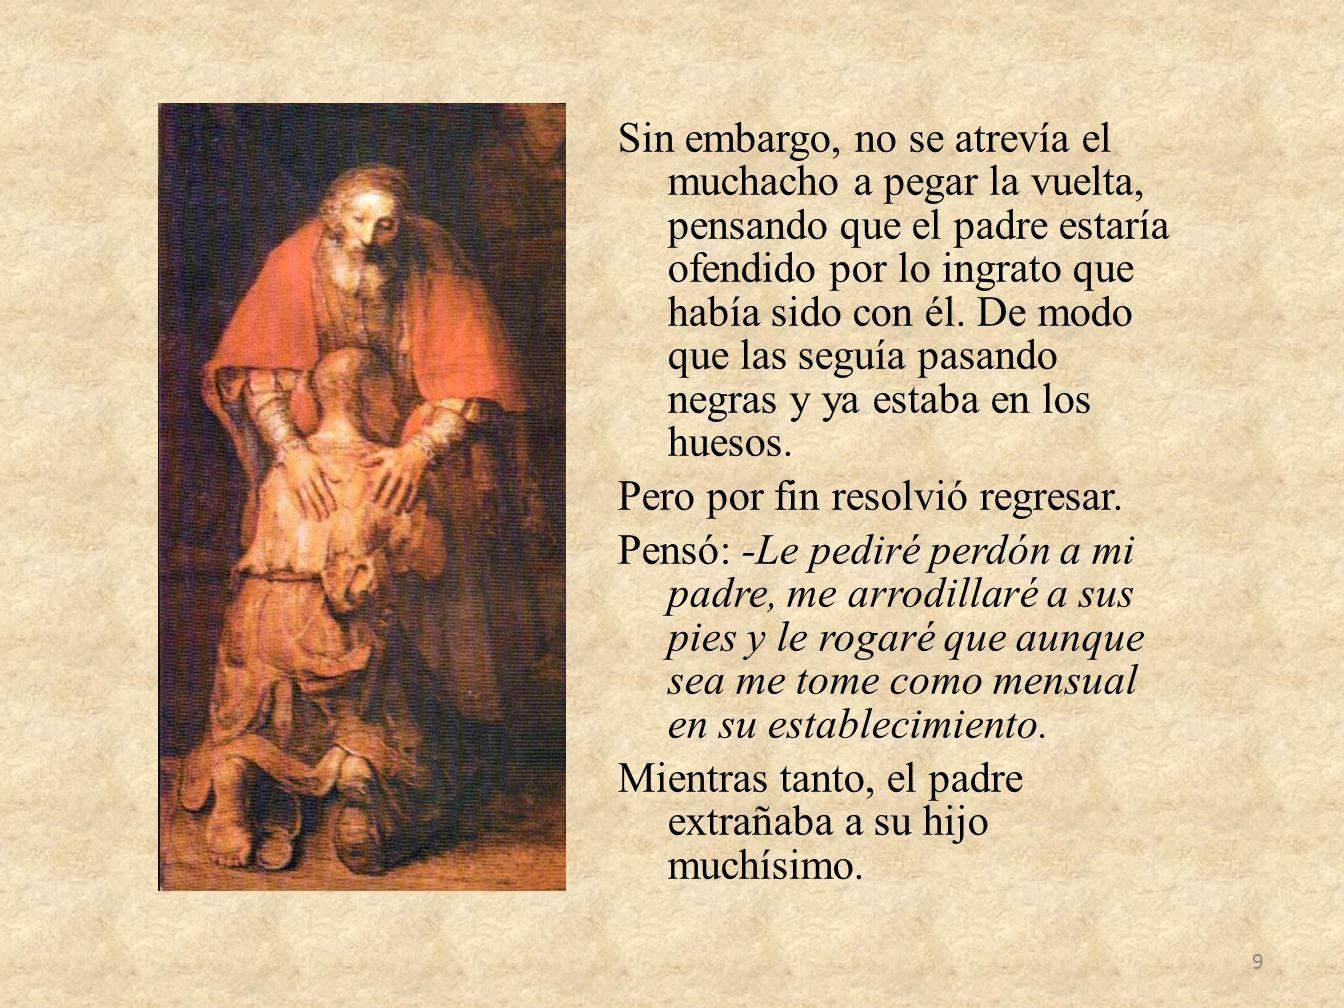 Fortaleciéndonos en la caridad, nos perdona los pecados veniales y nos preserva de los pecados mortales.